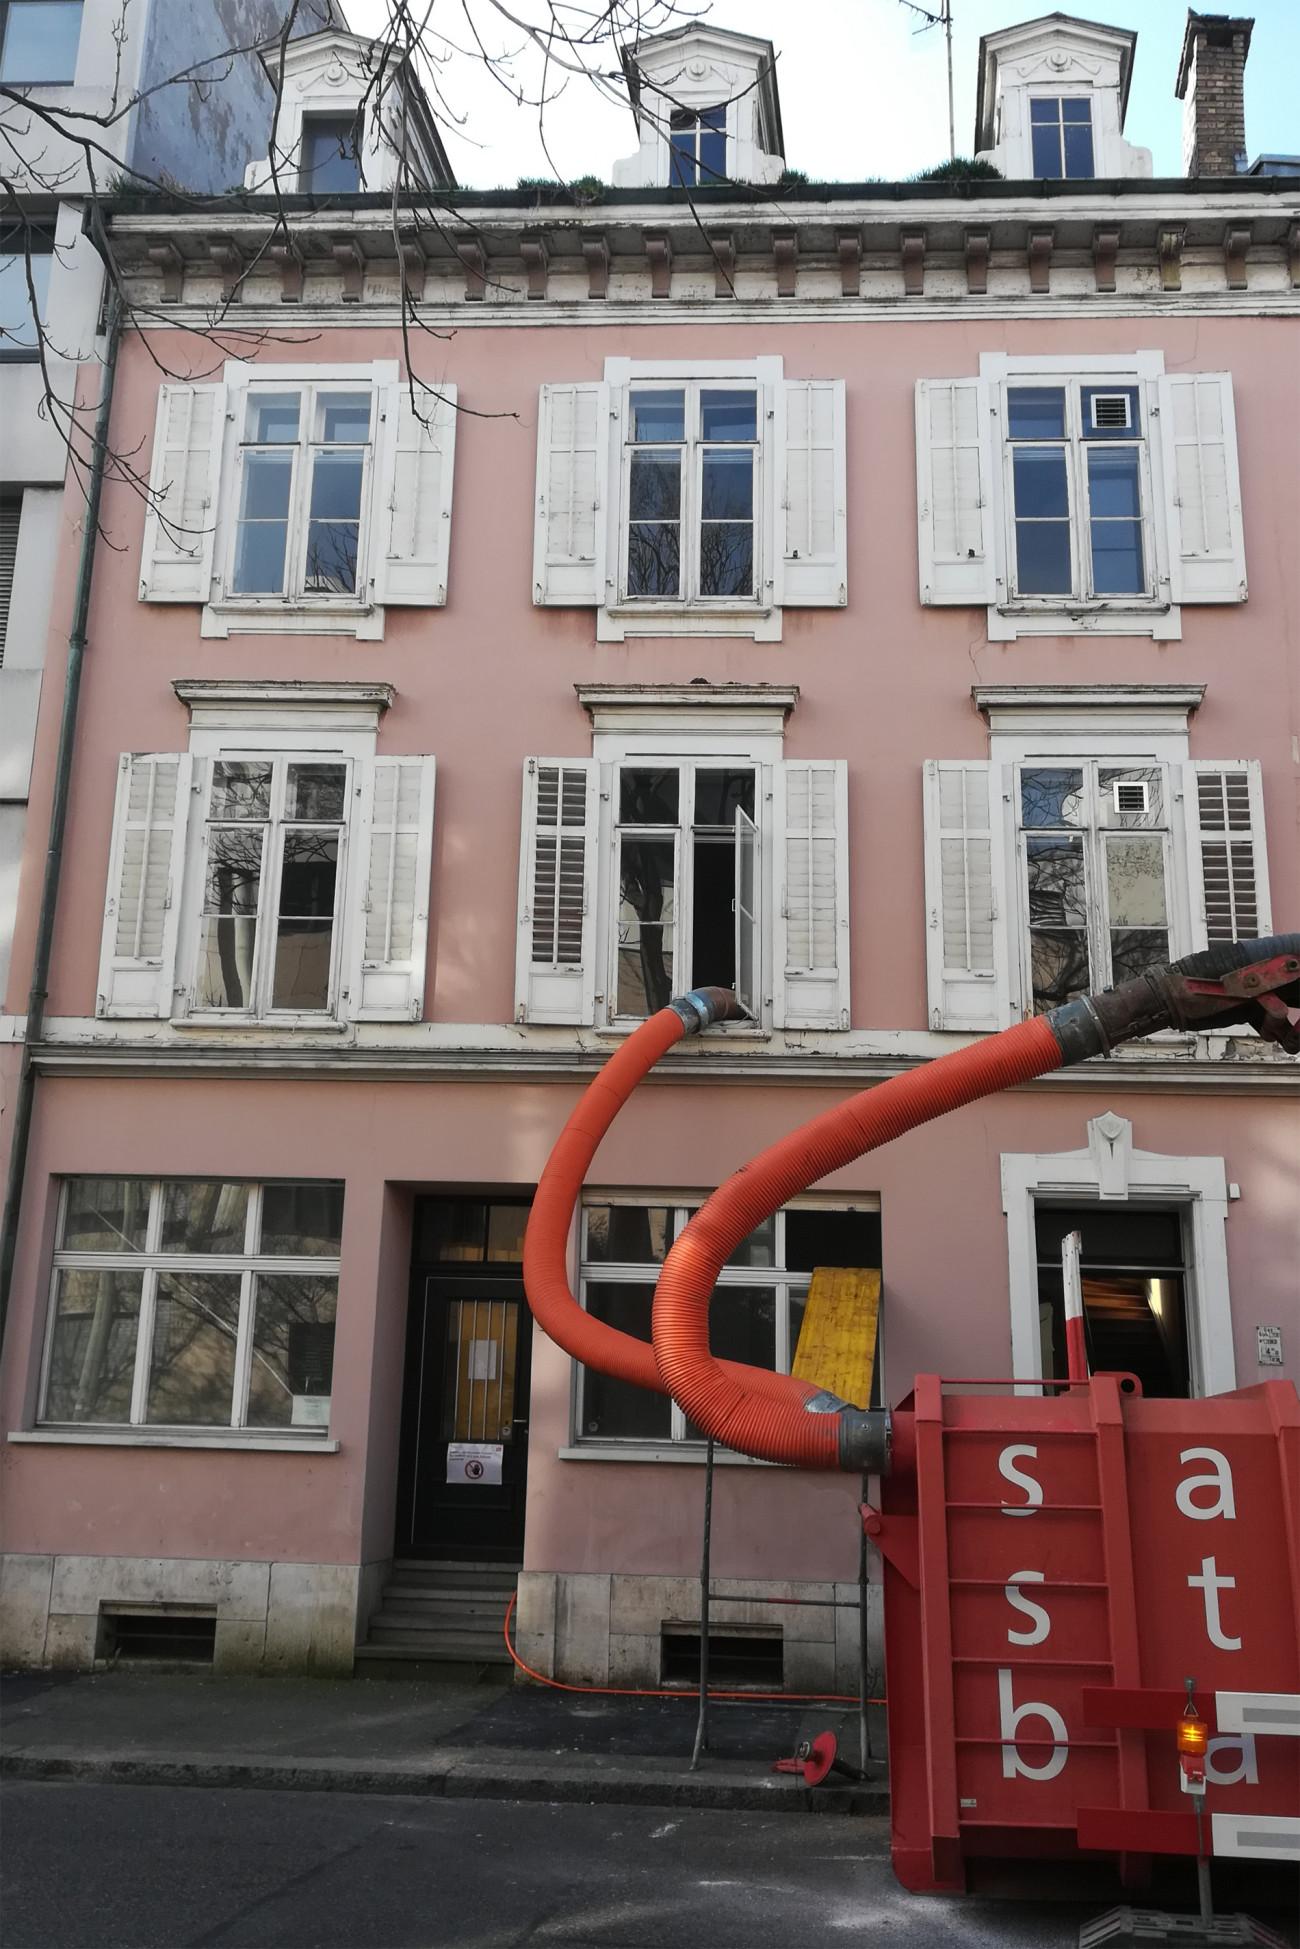 Saugbagger Einsatz am Gebäude Leonhardstrasse 27